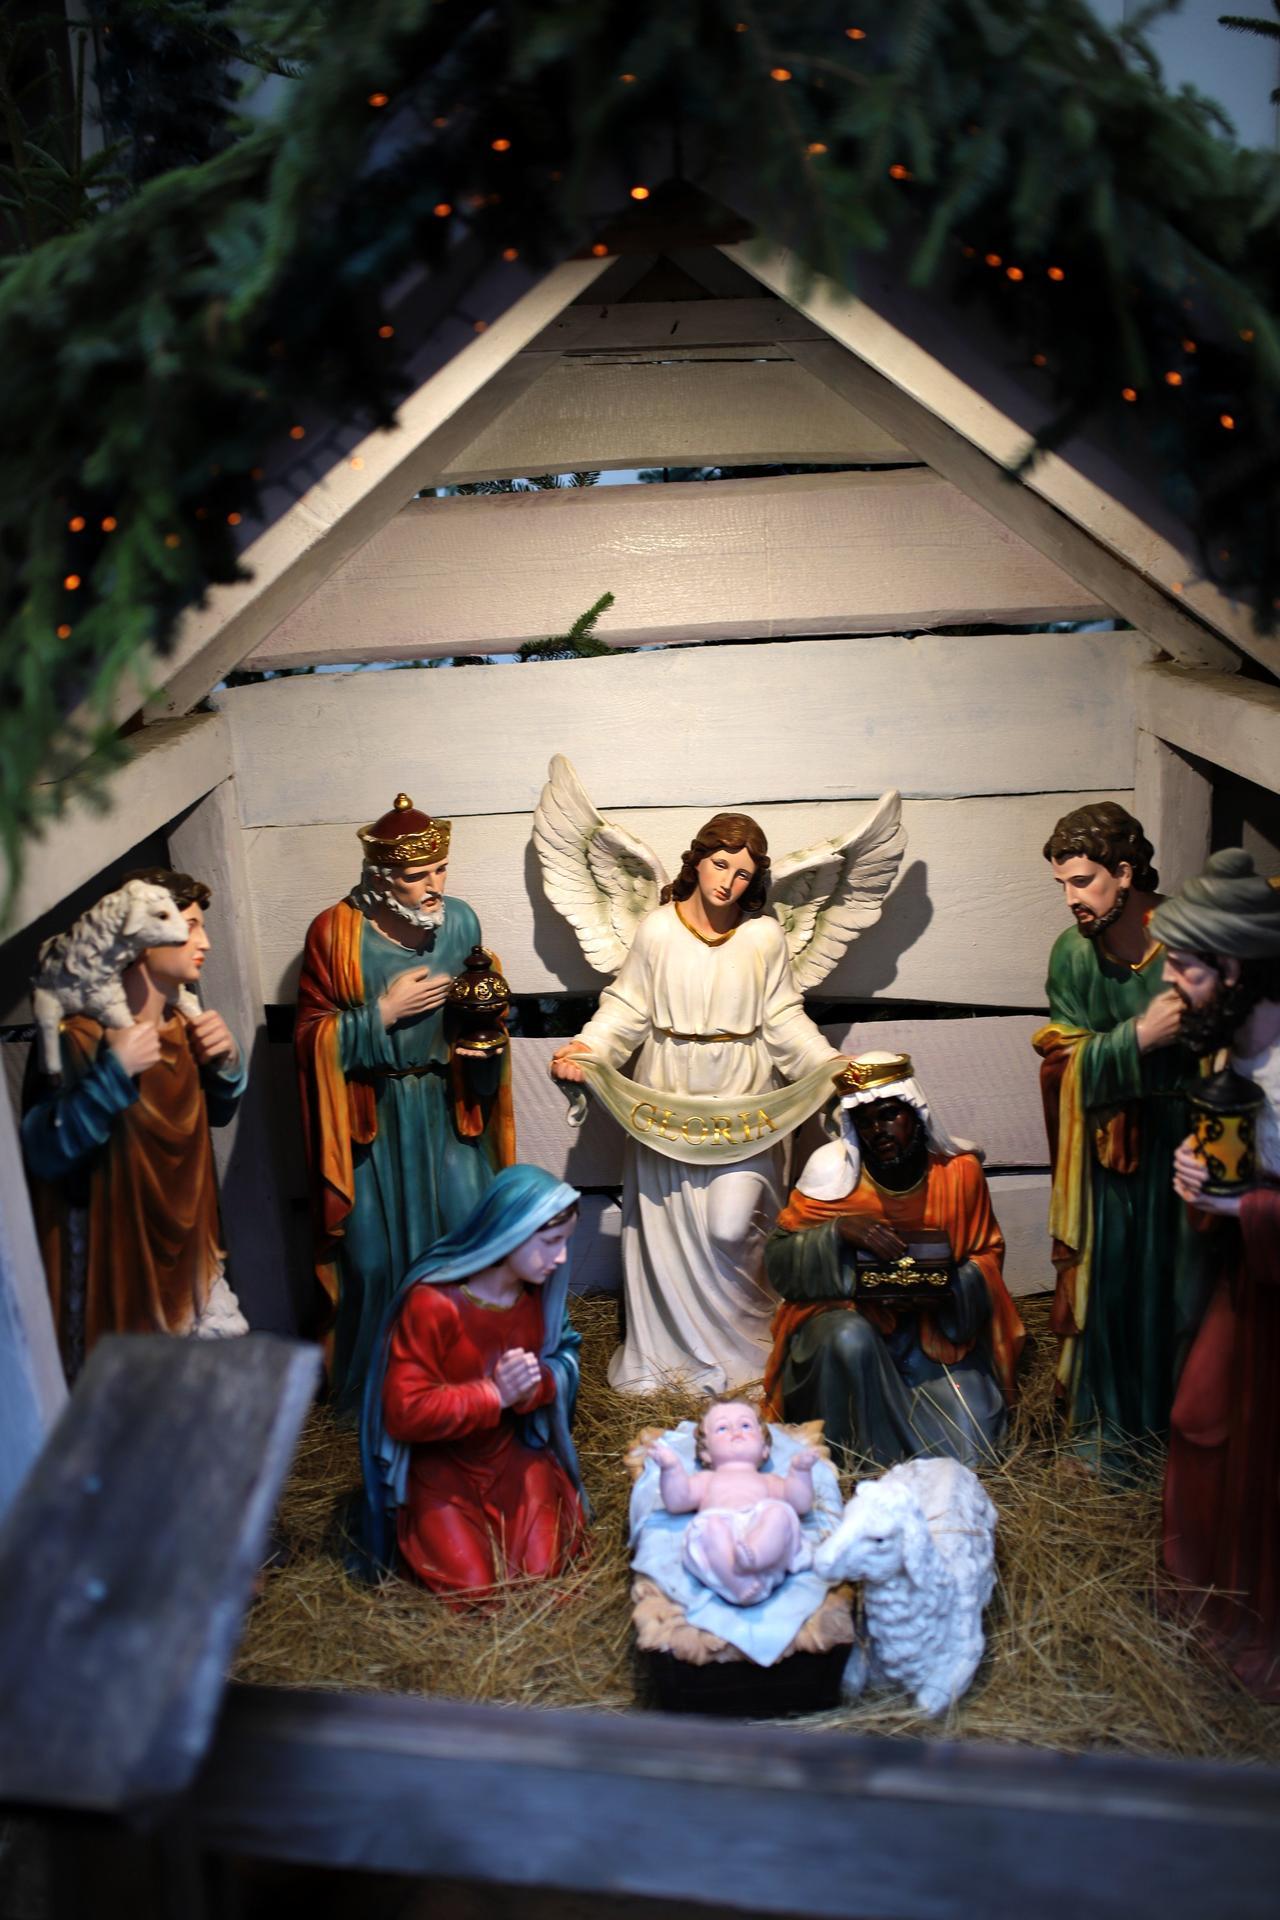 K našemu adventu  patří i návštěva Vánočního domu v Karlových Varech. Kdo nezná, určitě stojí za návštěvu! Více foto a informací na instagramu giselle.cz - Obrázek č. 3